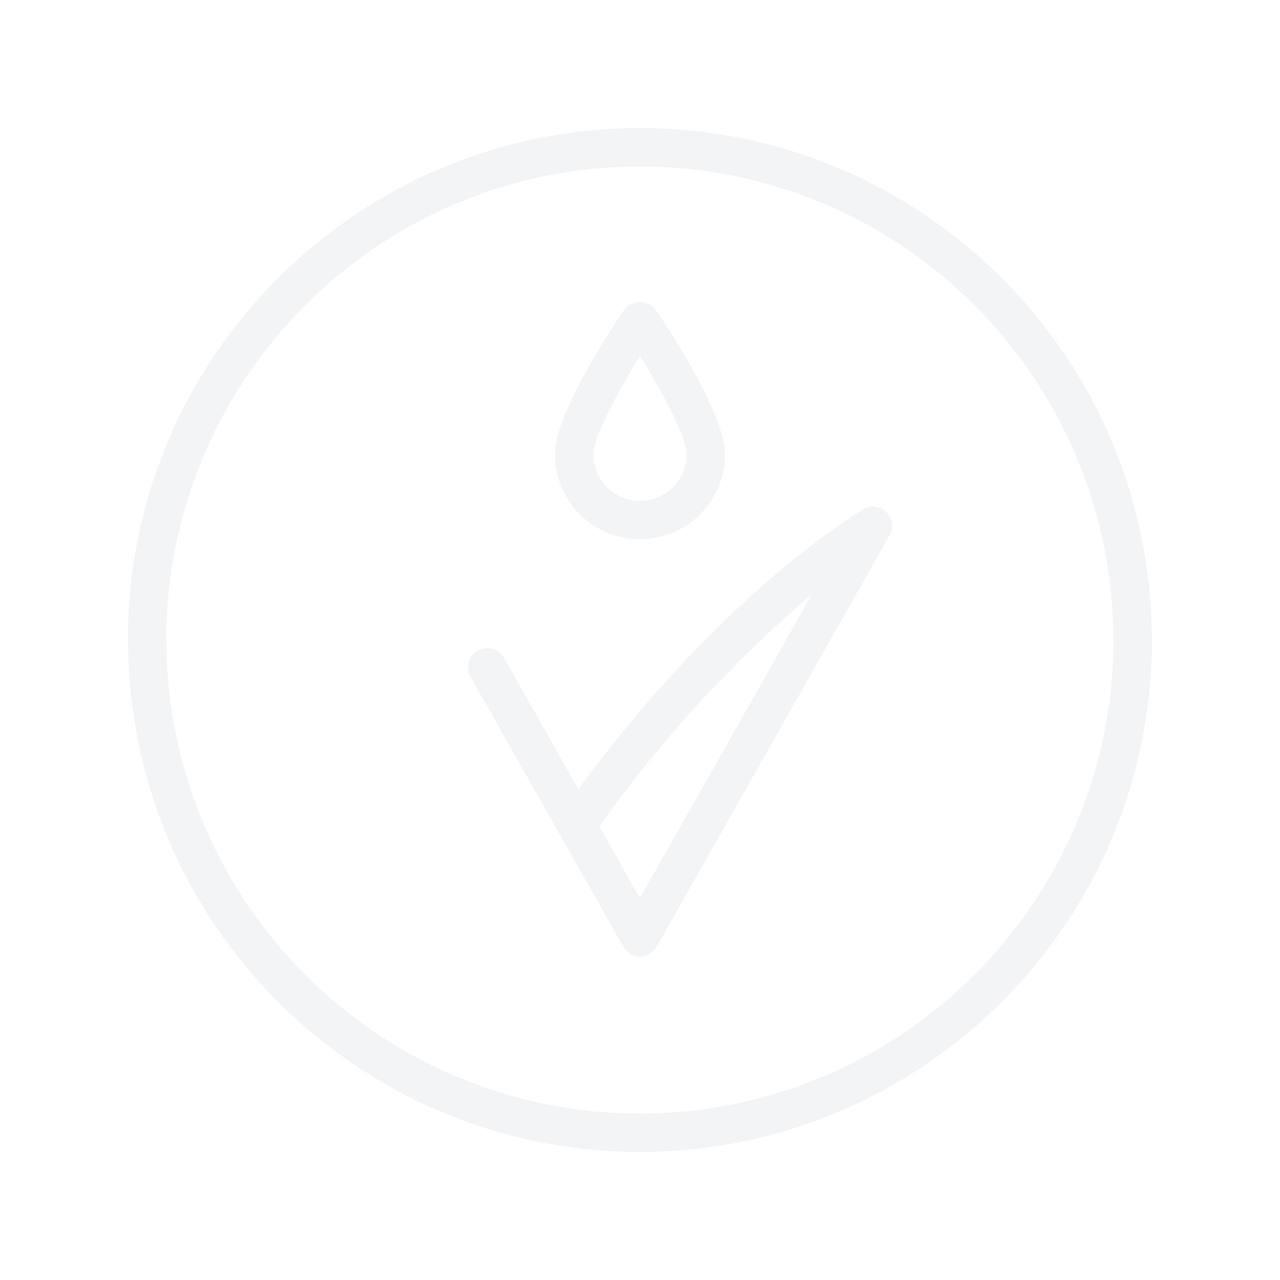 MUA Luxe Set & Reflect Finishing Kit White Gold 20g